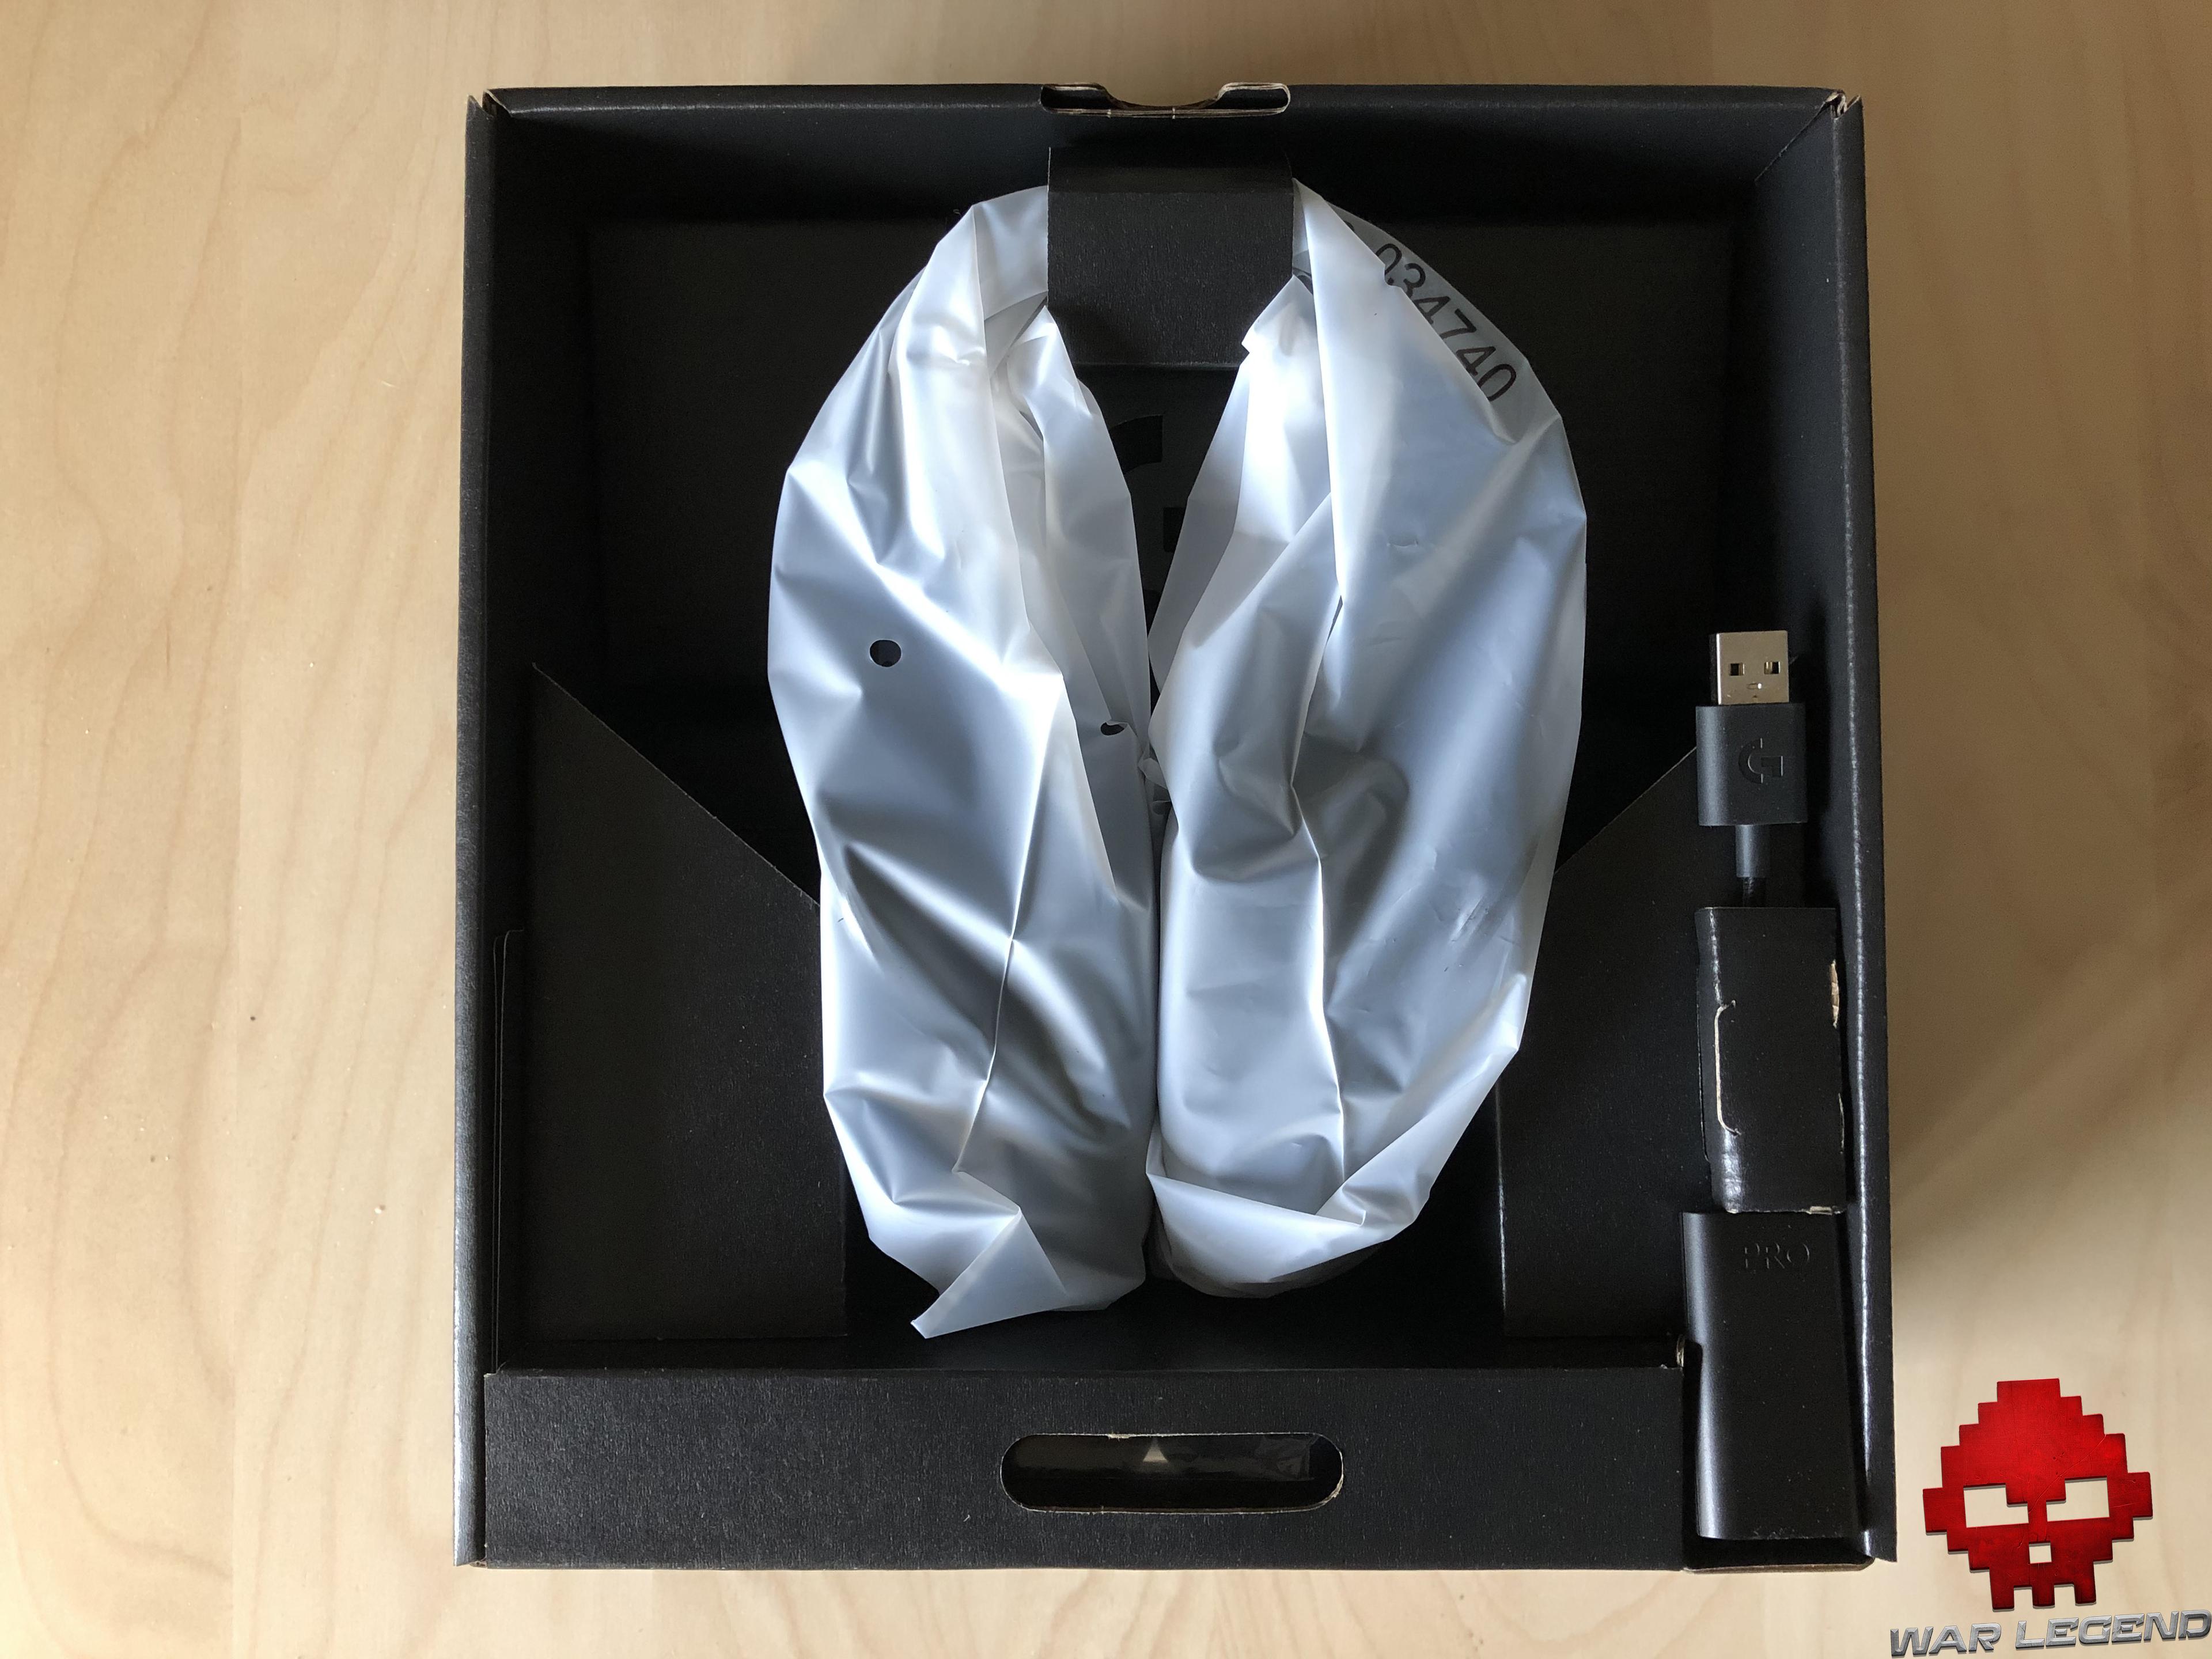 test logitech g pro x casque dans l'emballage, dans son plastique